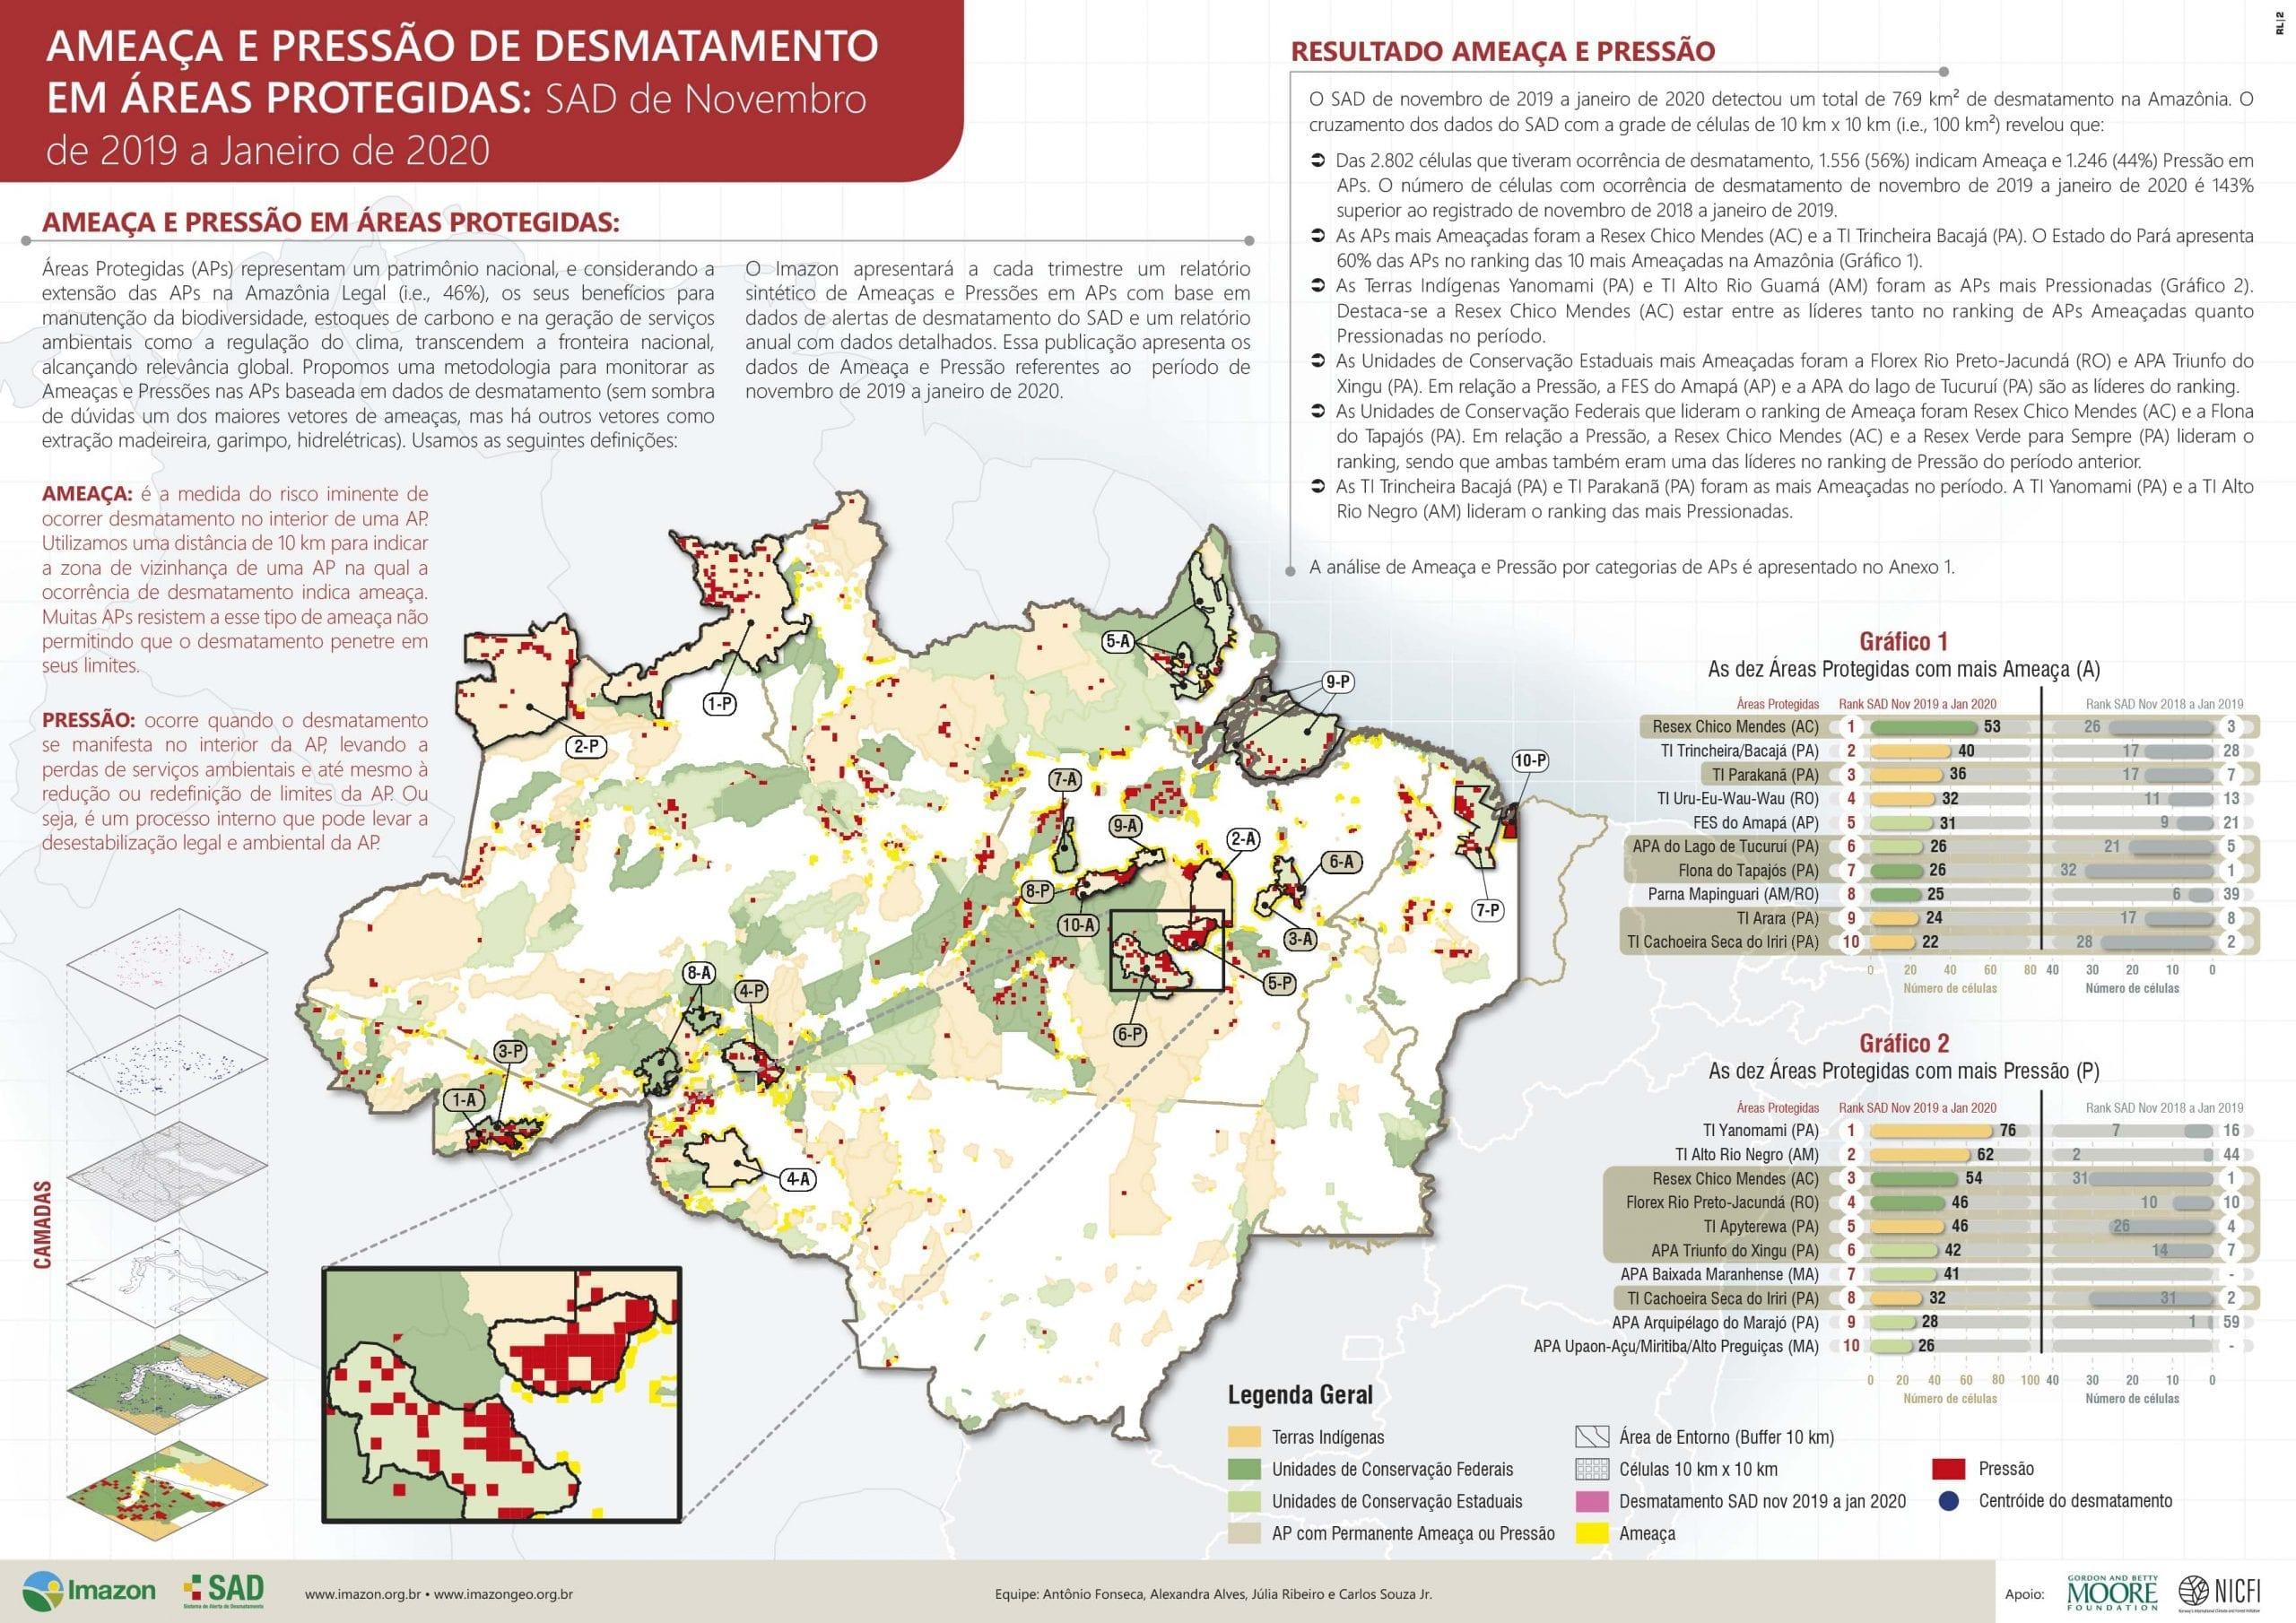 Area E Pressao 1 scaled 2 - Ameaça e Pressão e Desmatamento em Áreas Protegidas: SAD de Novembro de 2019 a Janeiro de 2020